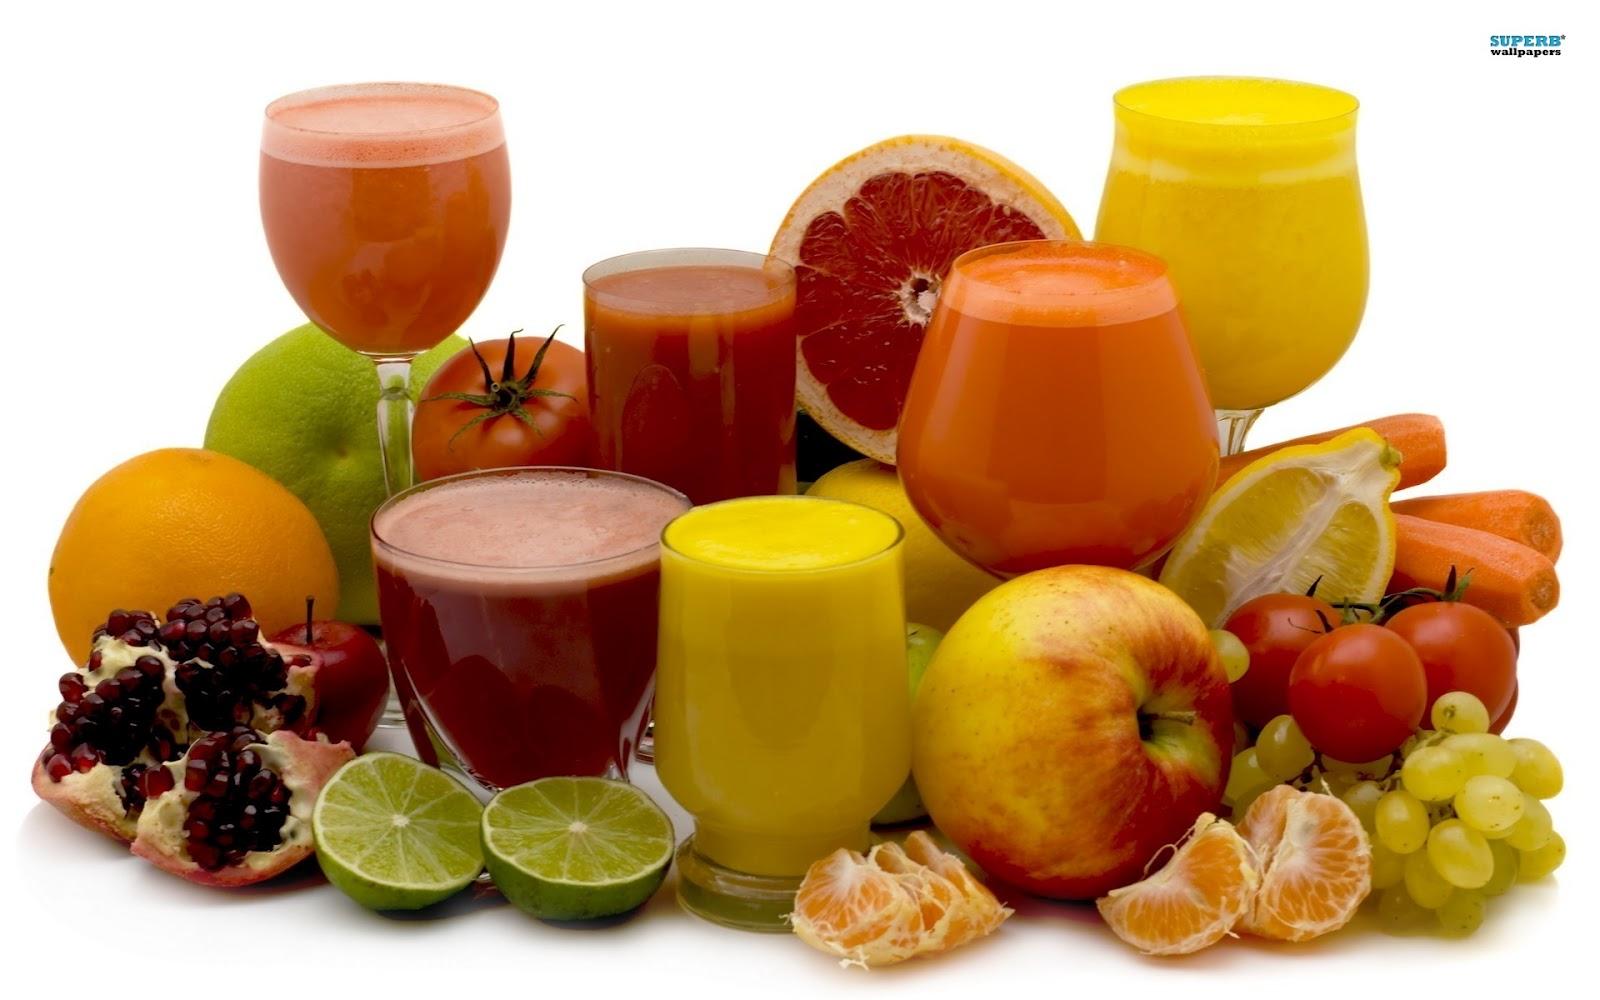 frutta e verdura succhi